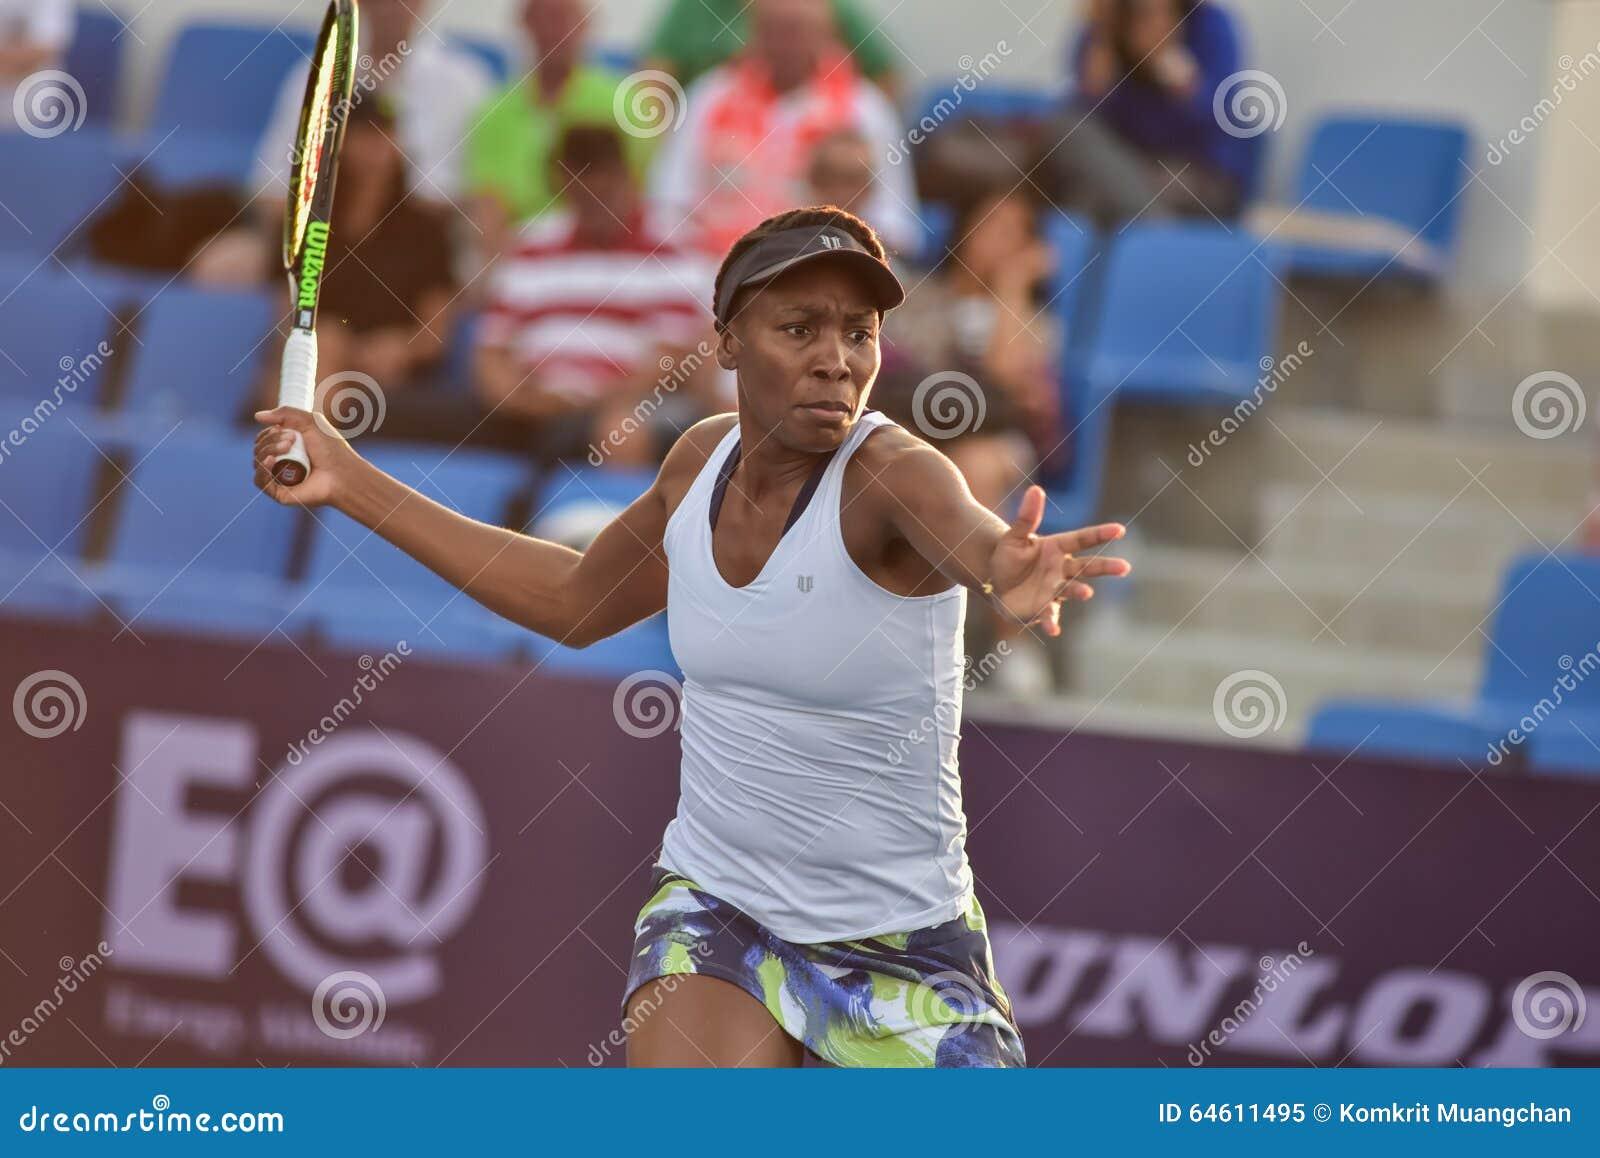 Sitio Oficial Del Tenis Profesional Masculino ATP World